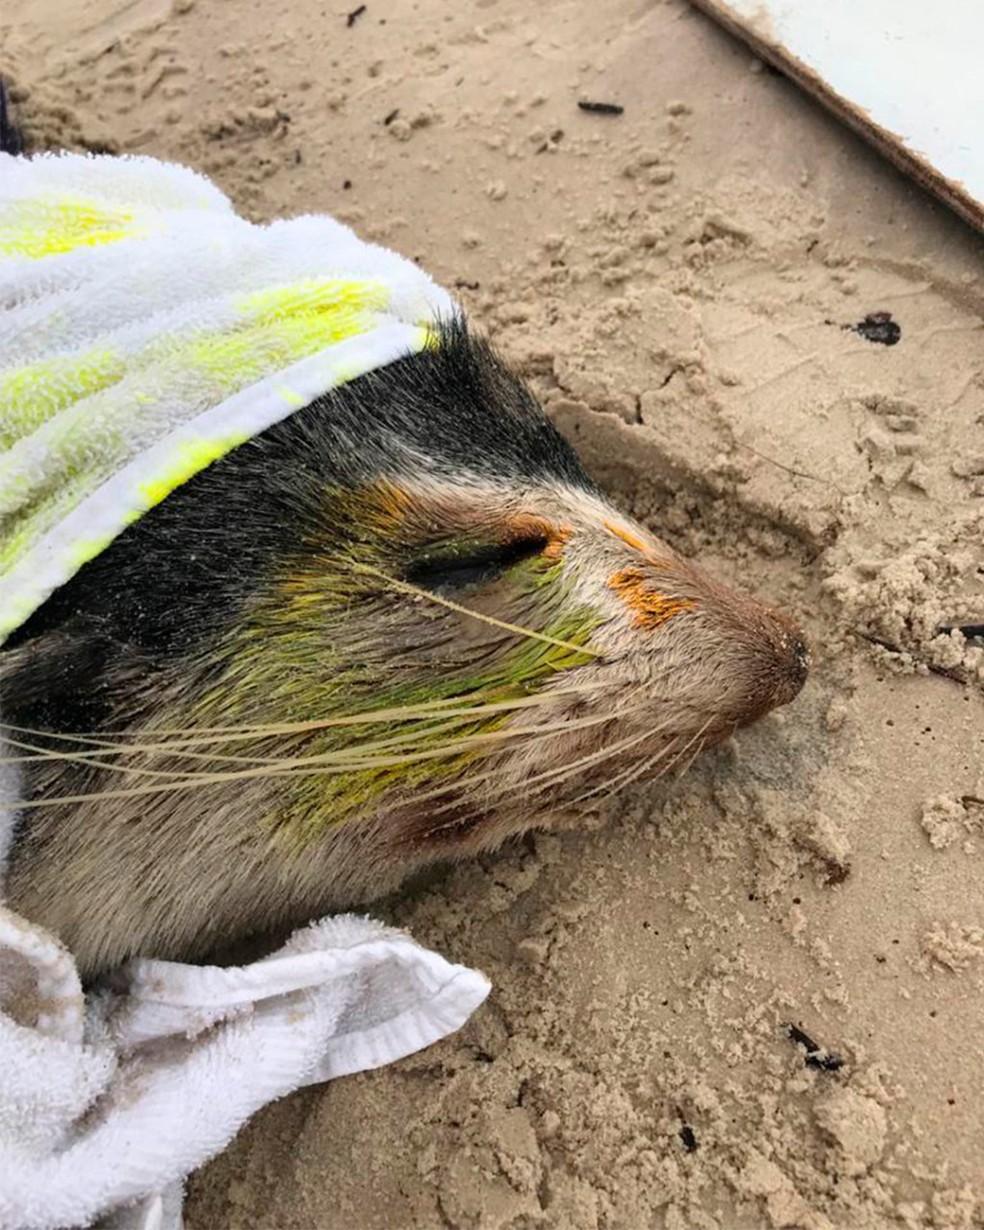 Animal recebeu colírio medicamentoso em razão de uma lesão superficial no olho, disse a veterinária — Foto: Regina Reis/R3 Animal